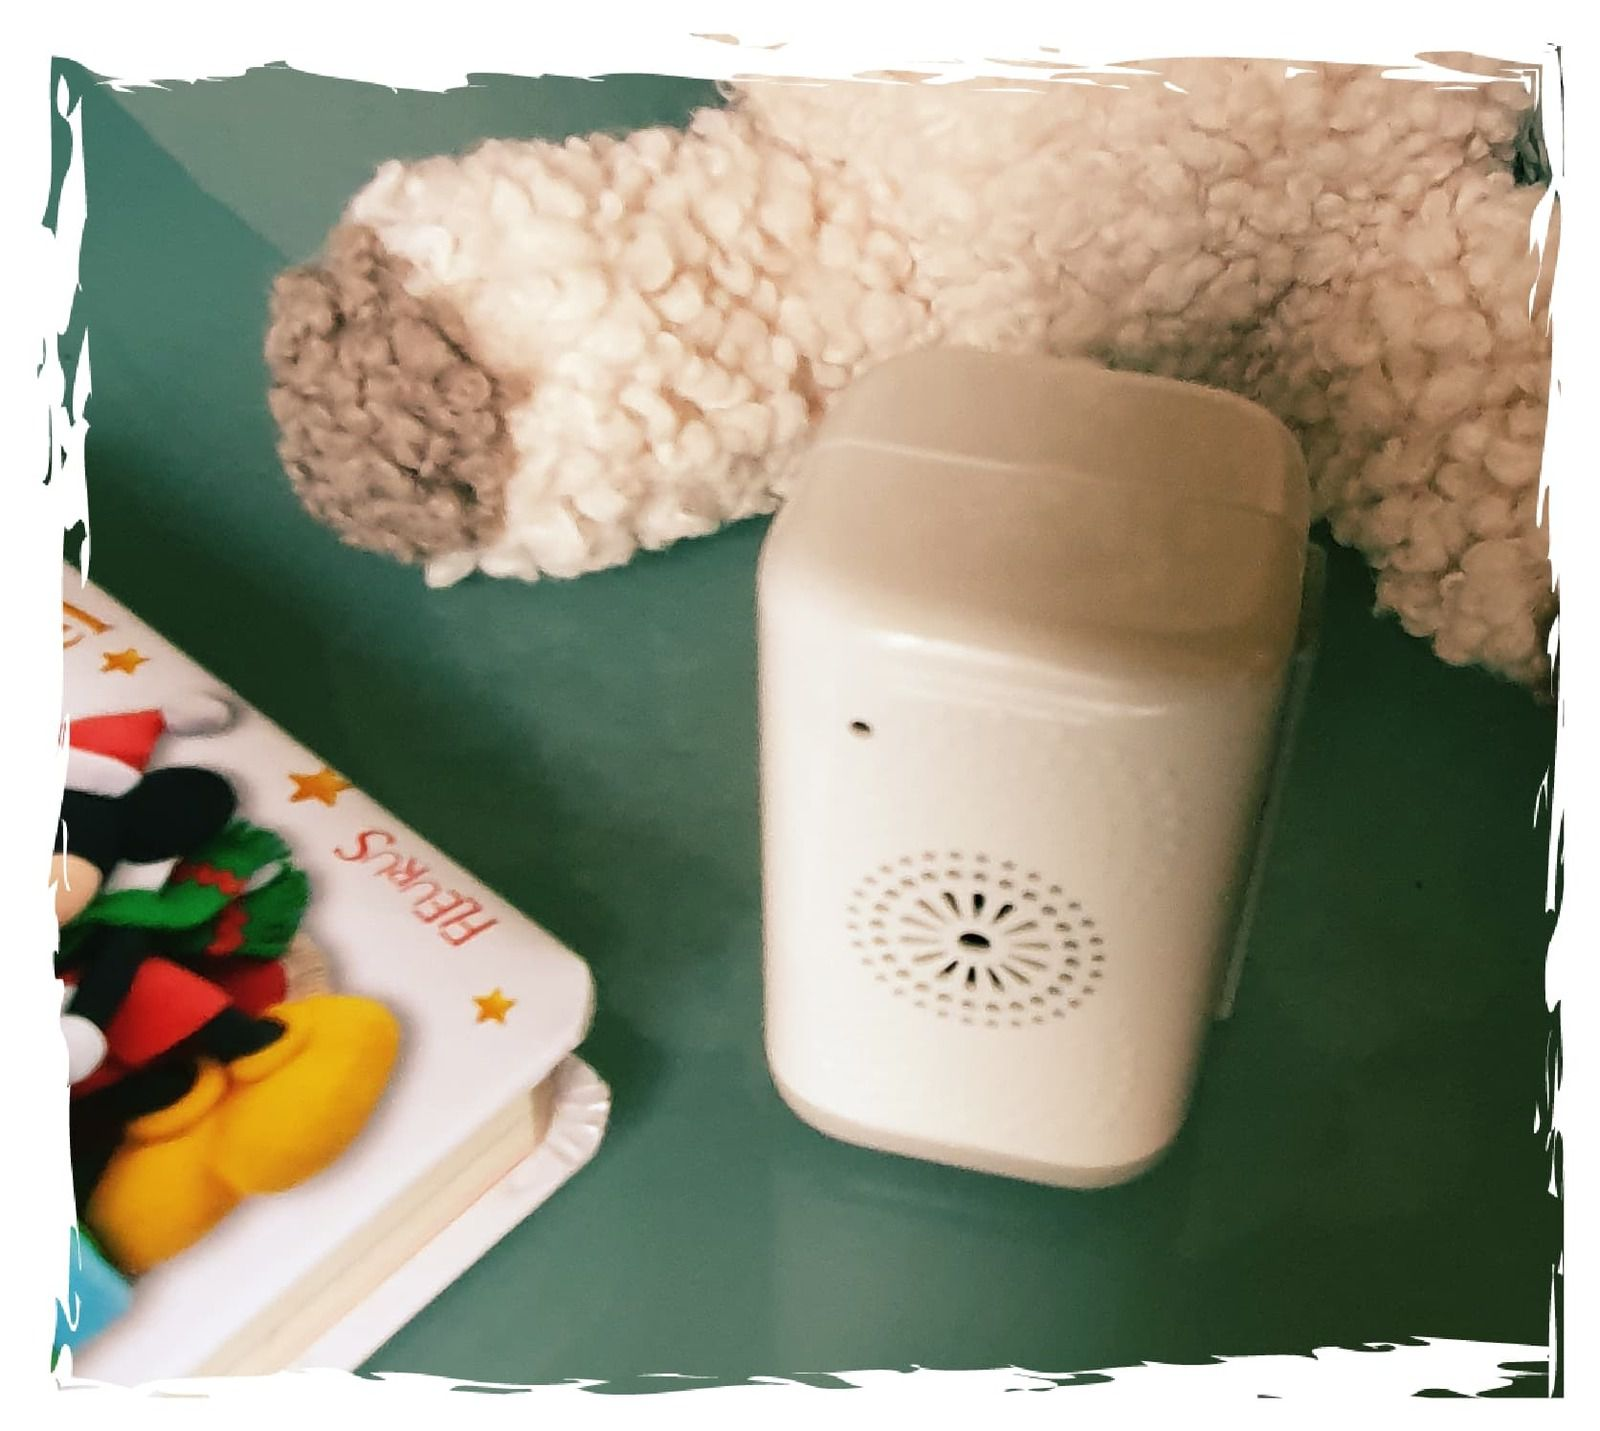 Bruits blancs, la formule magique pour faire endormir bébé avec Snoobear, Happiest Baby